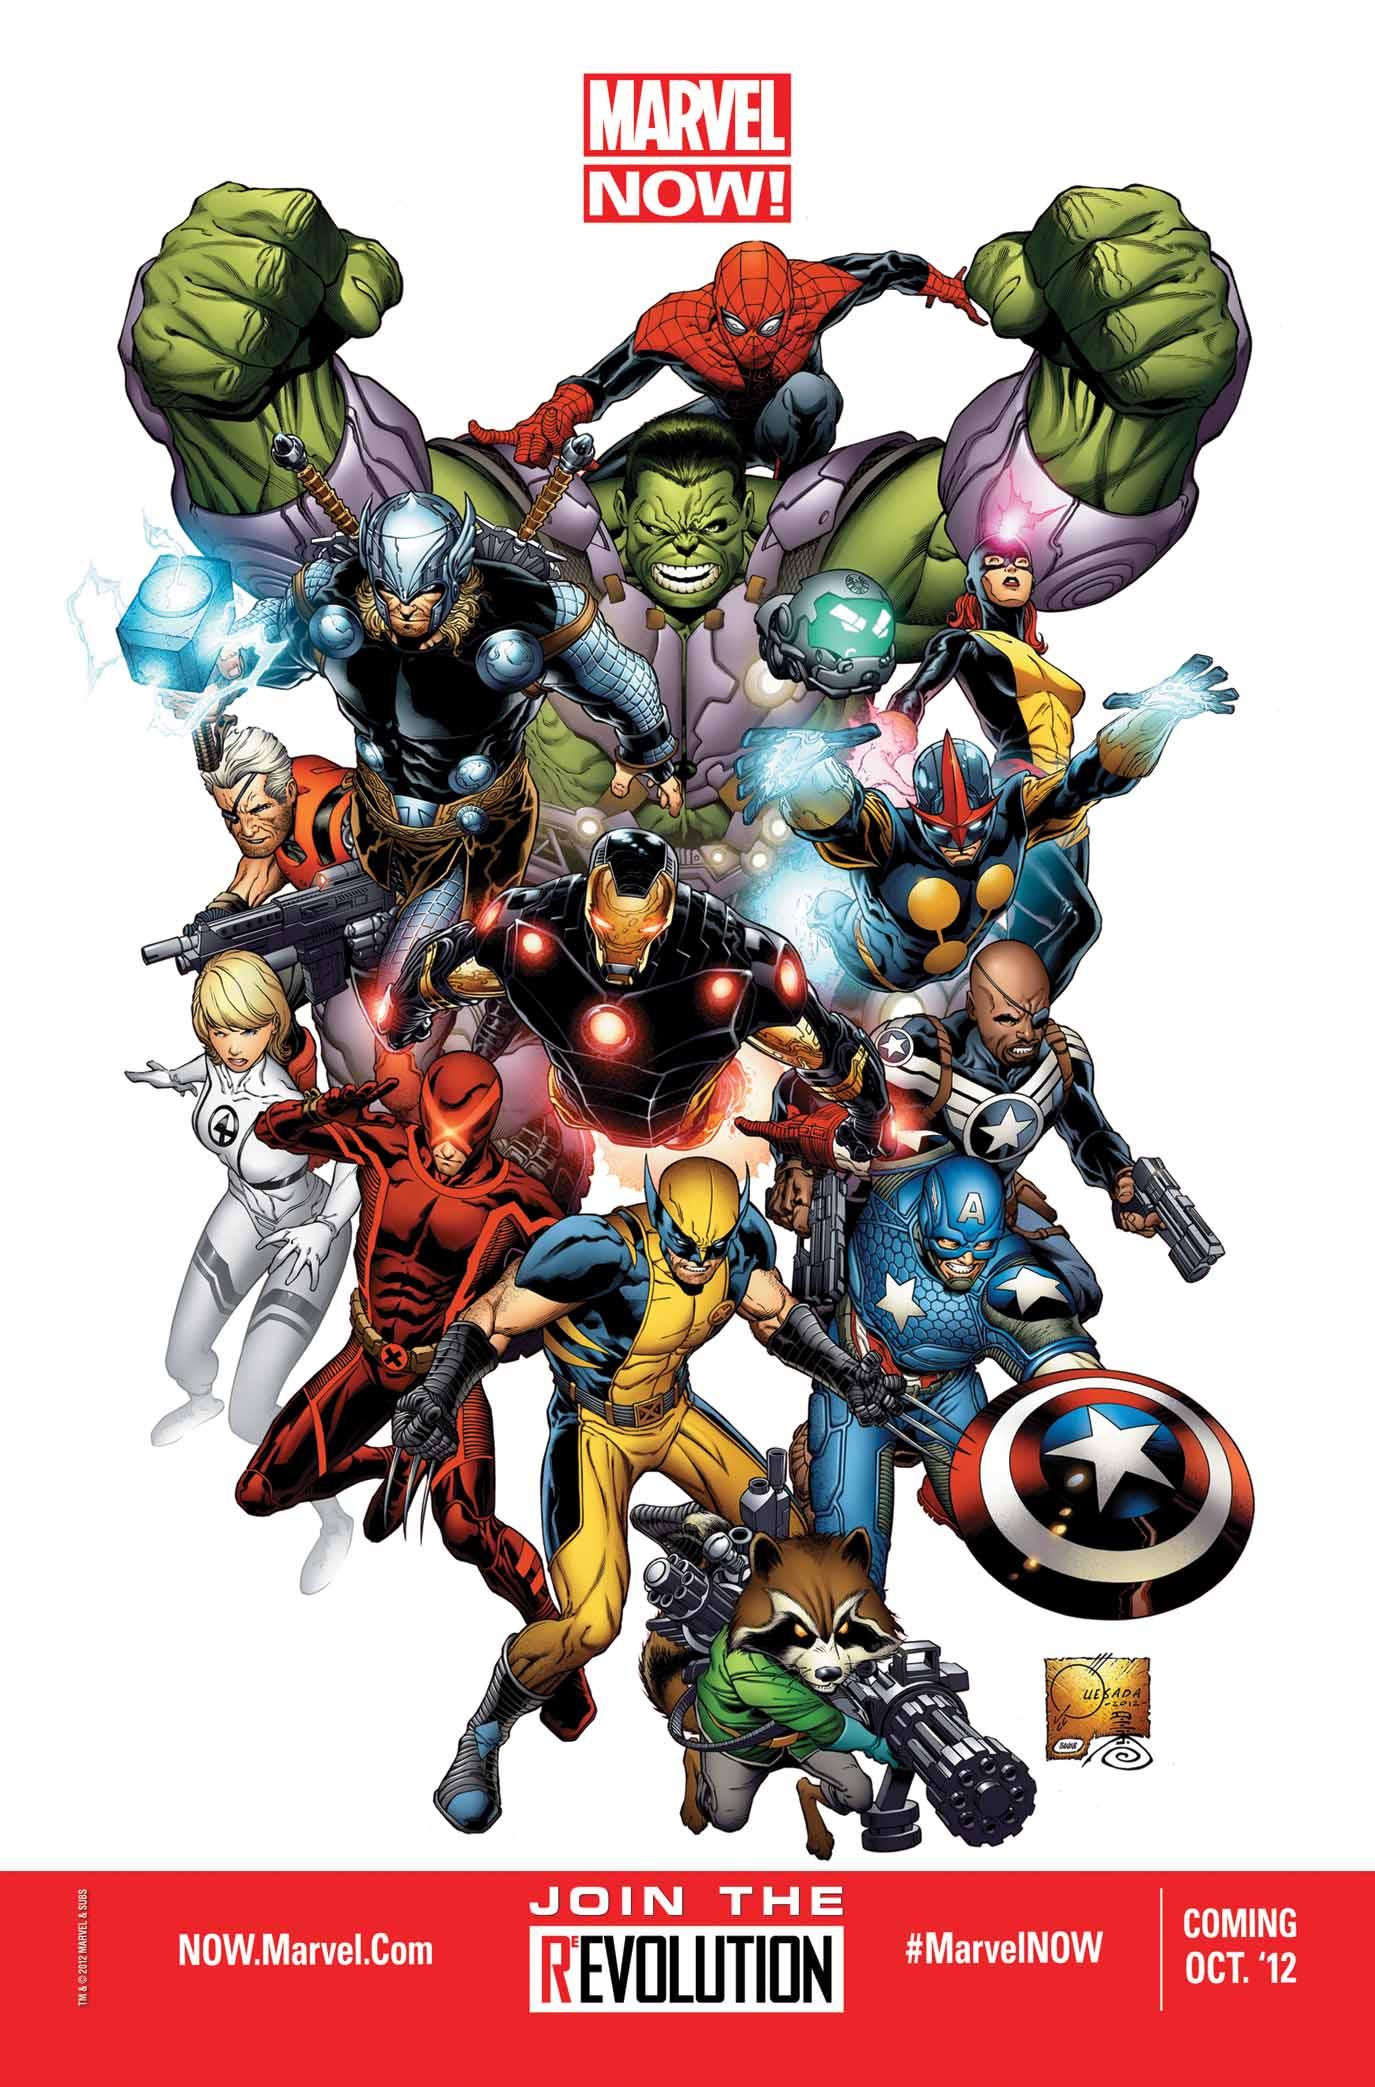 Joe Quesada Unveils Marvel NOW! On Jimmy Kimmel Live Tomorrow on ABC!